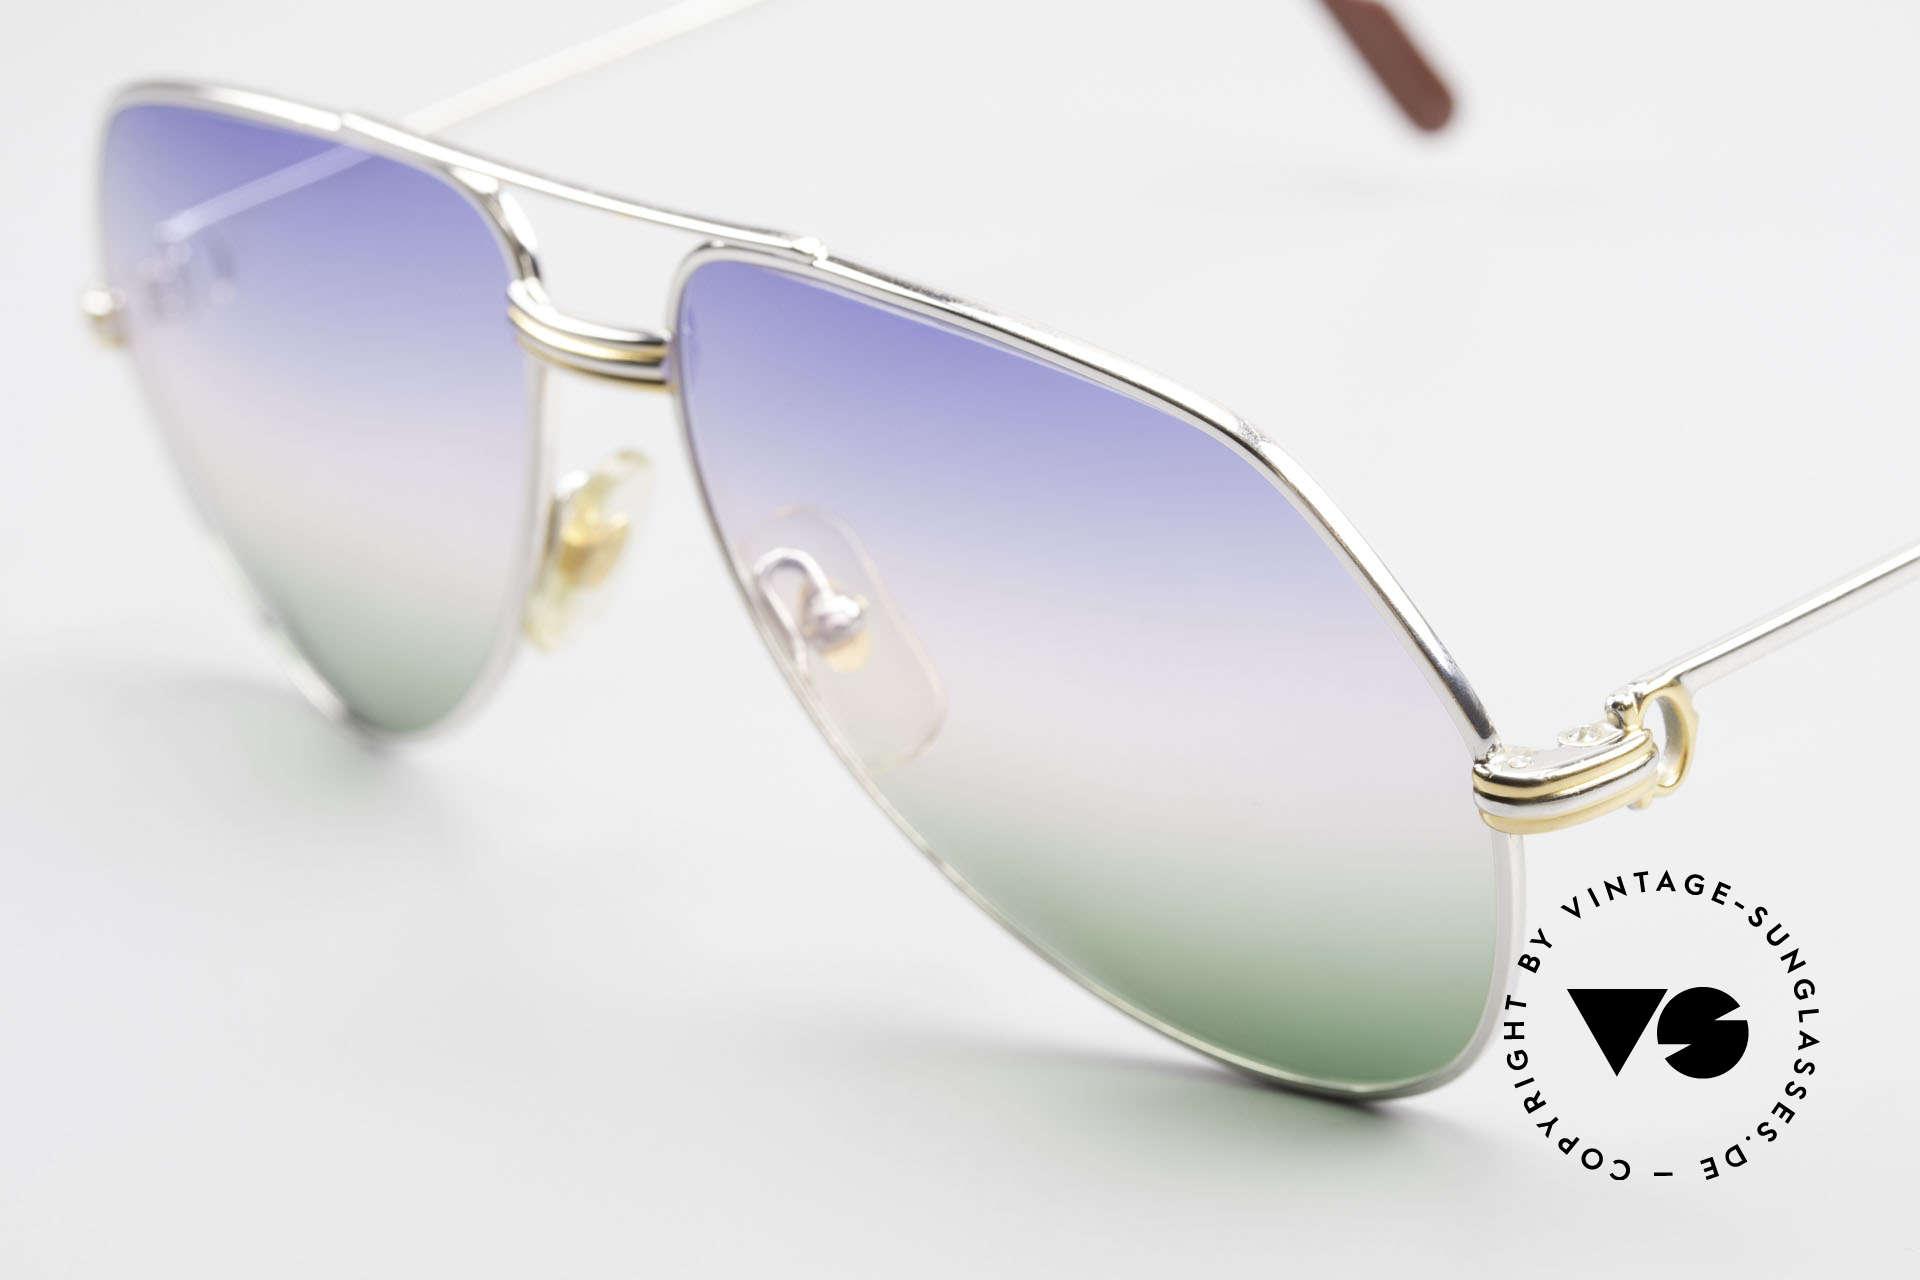 Cartier Vendome LC - M Platin 80er Brille Aviator, seltene & entsprechend teure Platin-Edition; Luxus pur, Passend für Herren